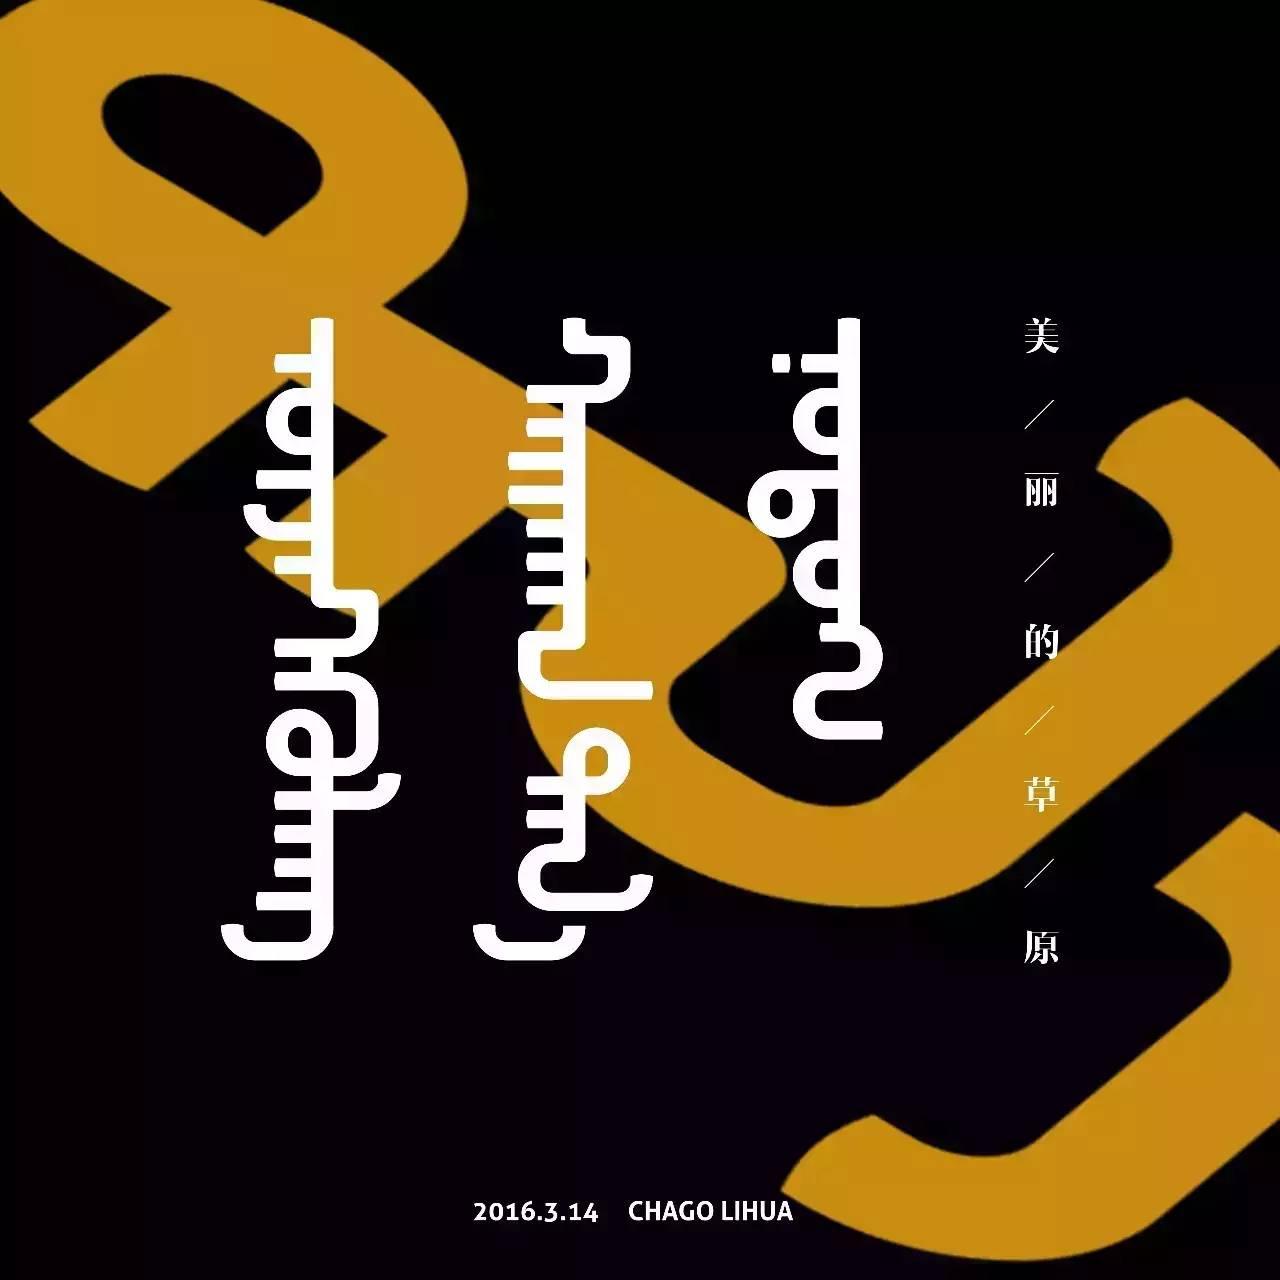 【原创】蒙语字体设计 第2张